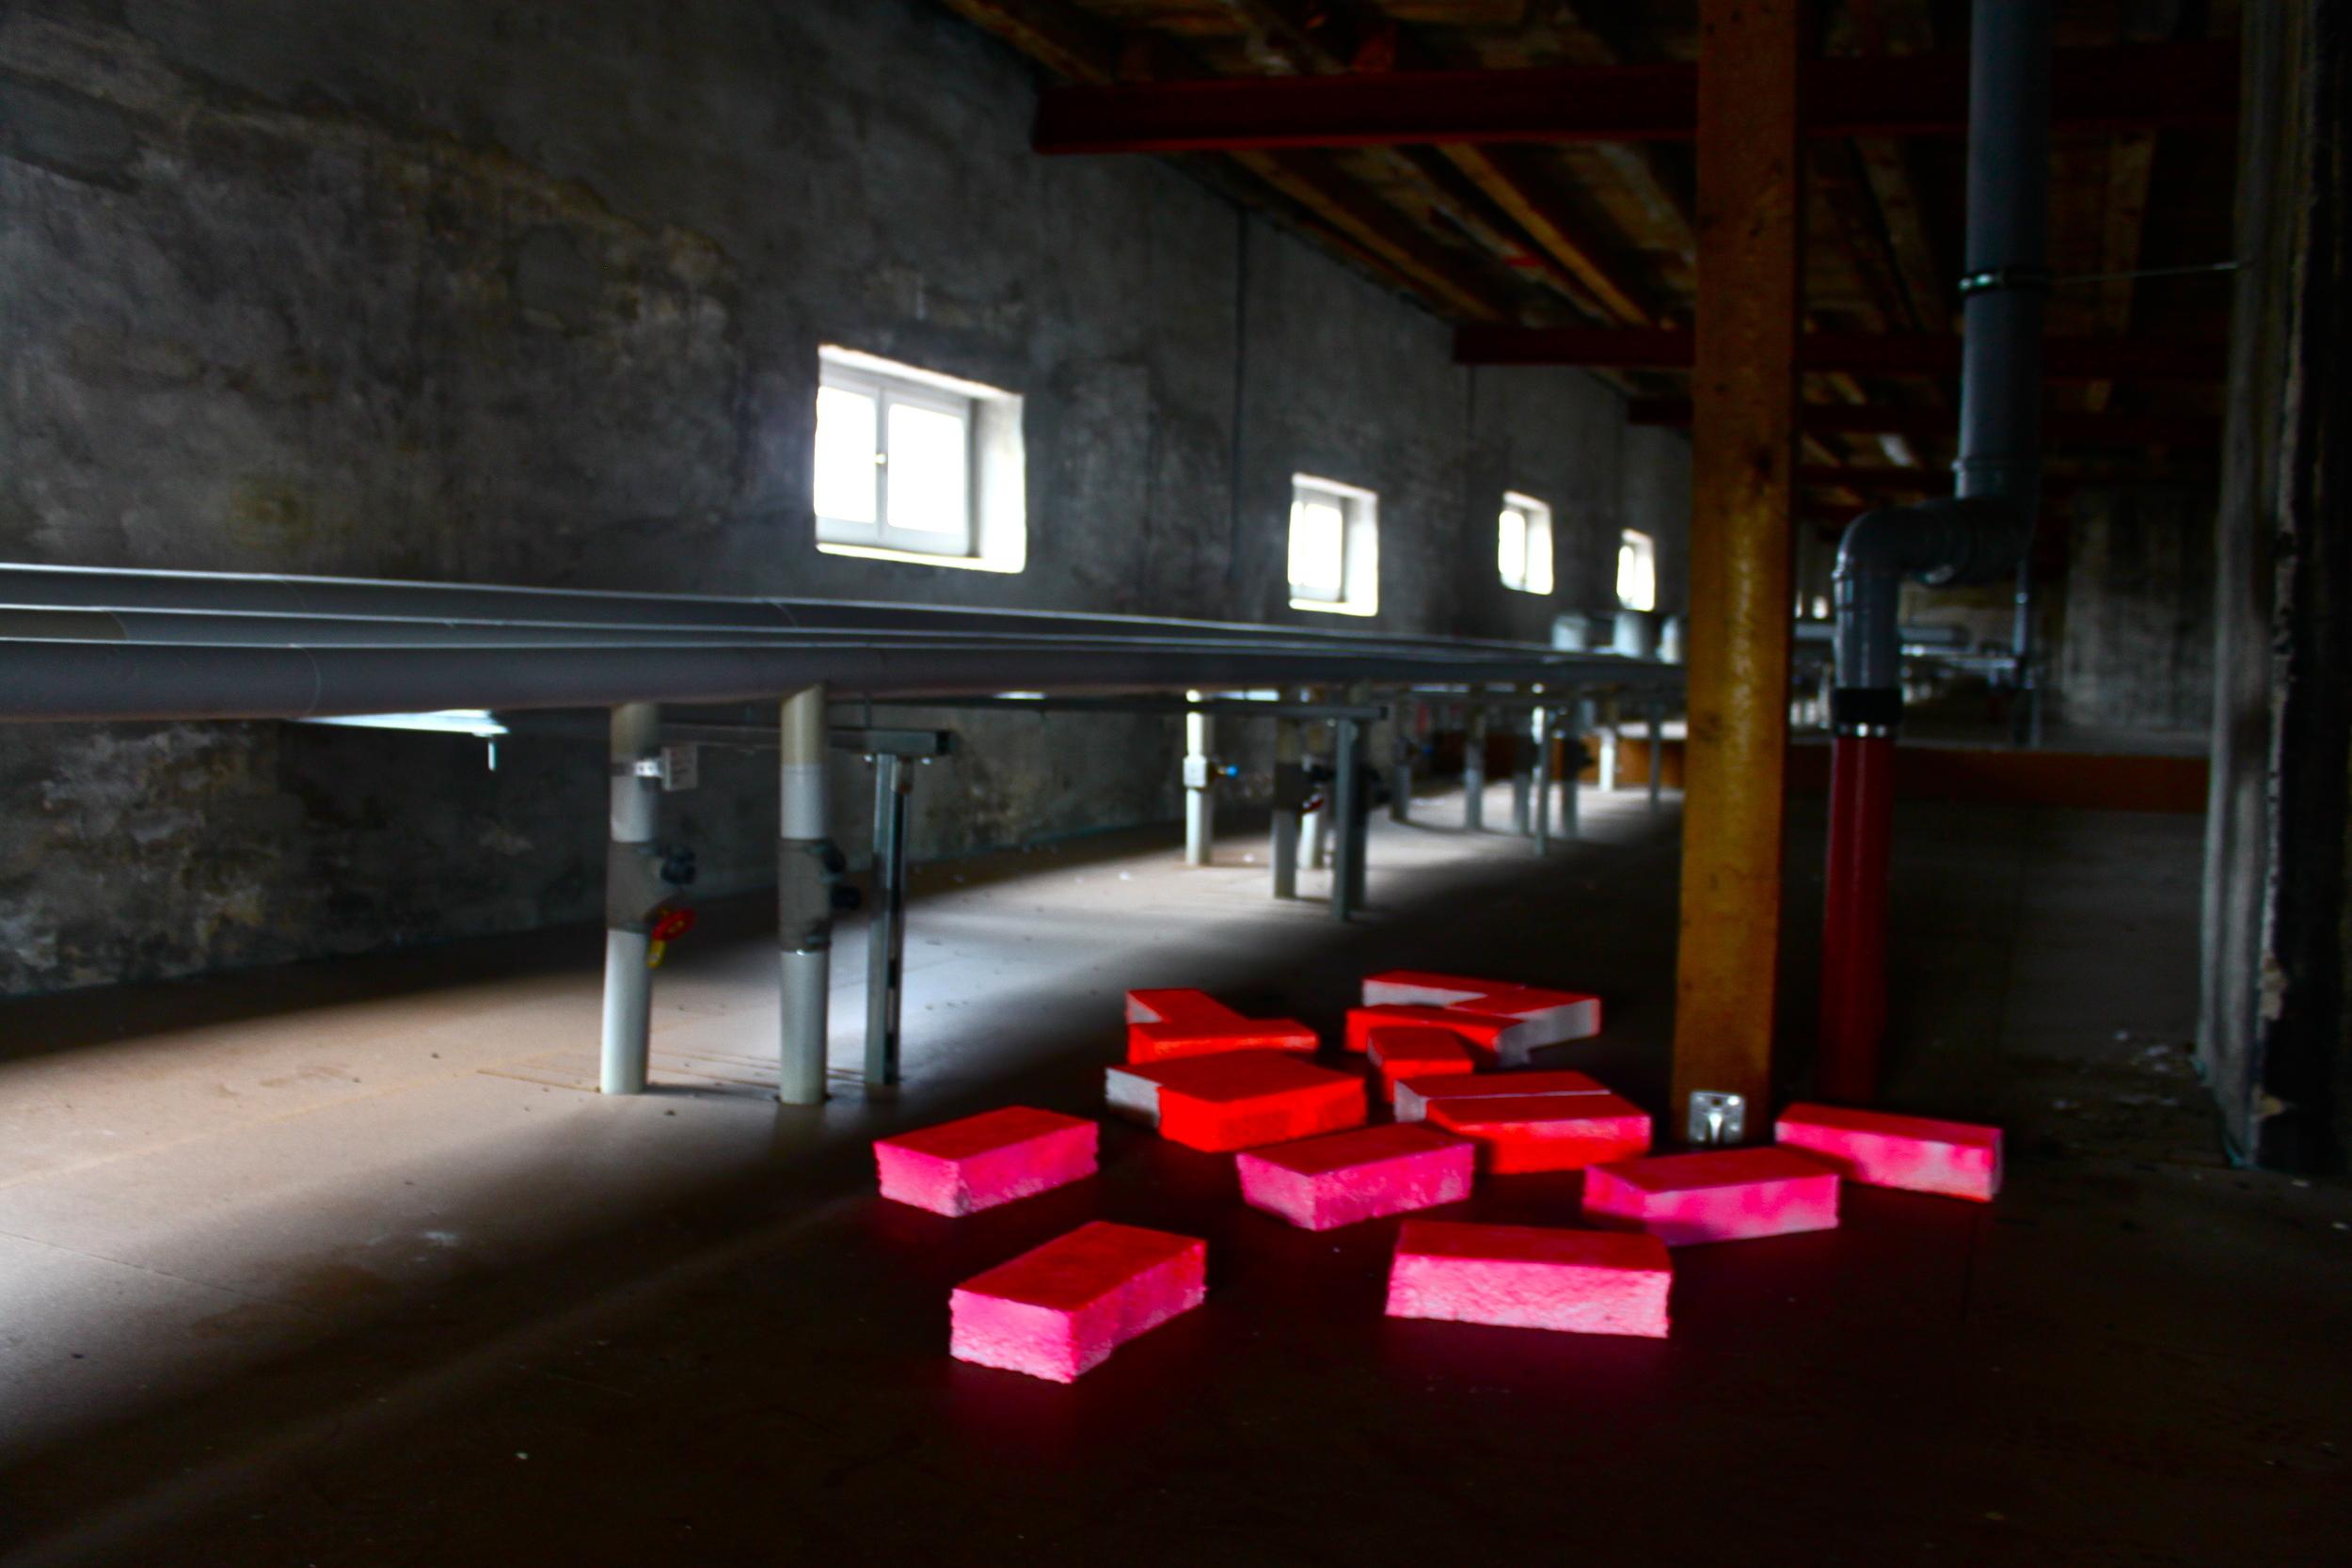 Proto-Ticker-Tape: Berlin, 2013, Attic, Berlin.